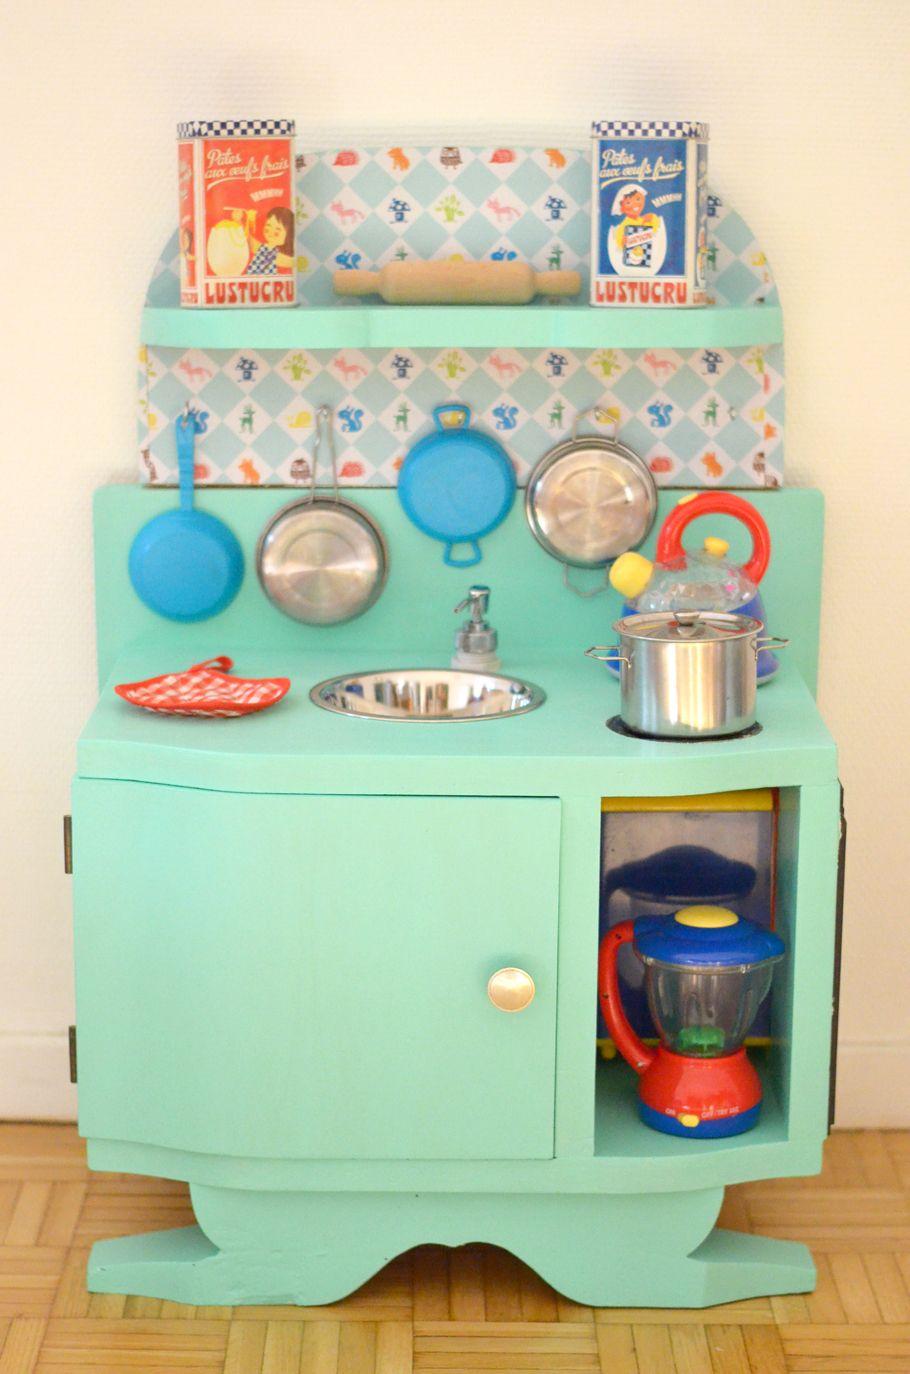 diy une cuisine enfant en bois fabriquer partir de r cup 39 upcycling and miniatures. Black Bedroom Furniture Sets. Home Design Ideas